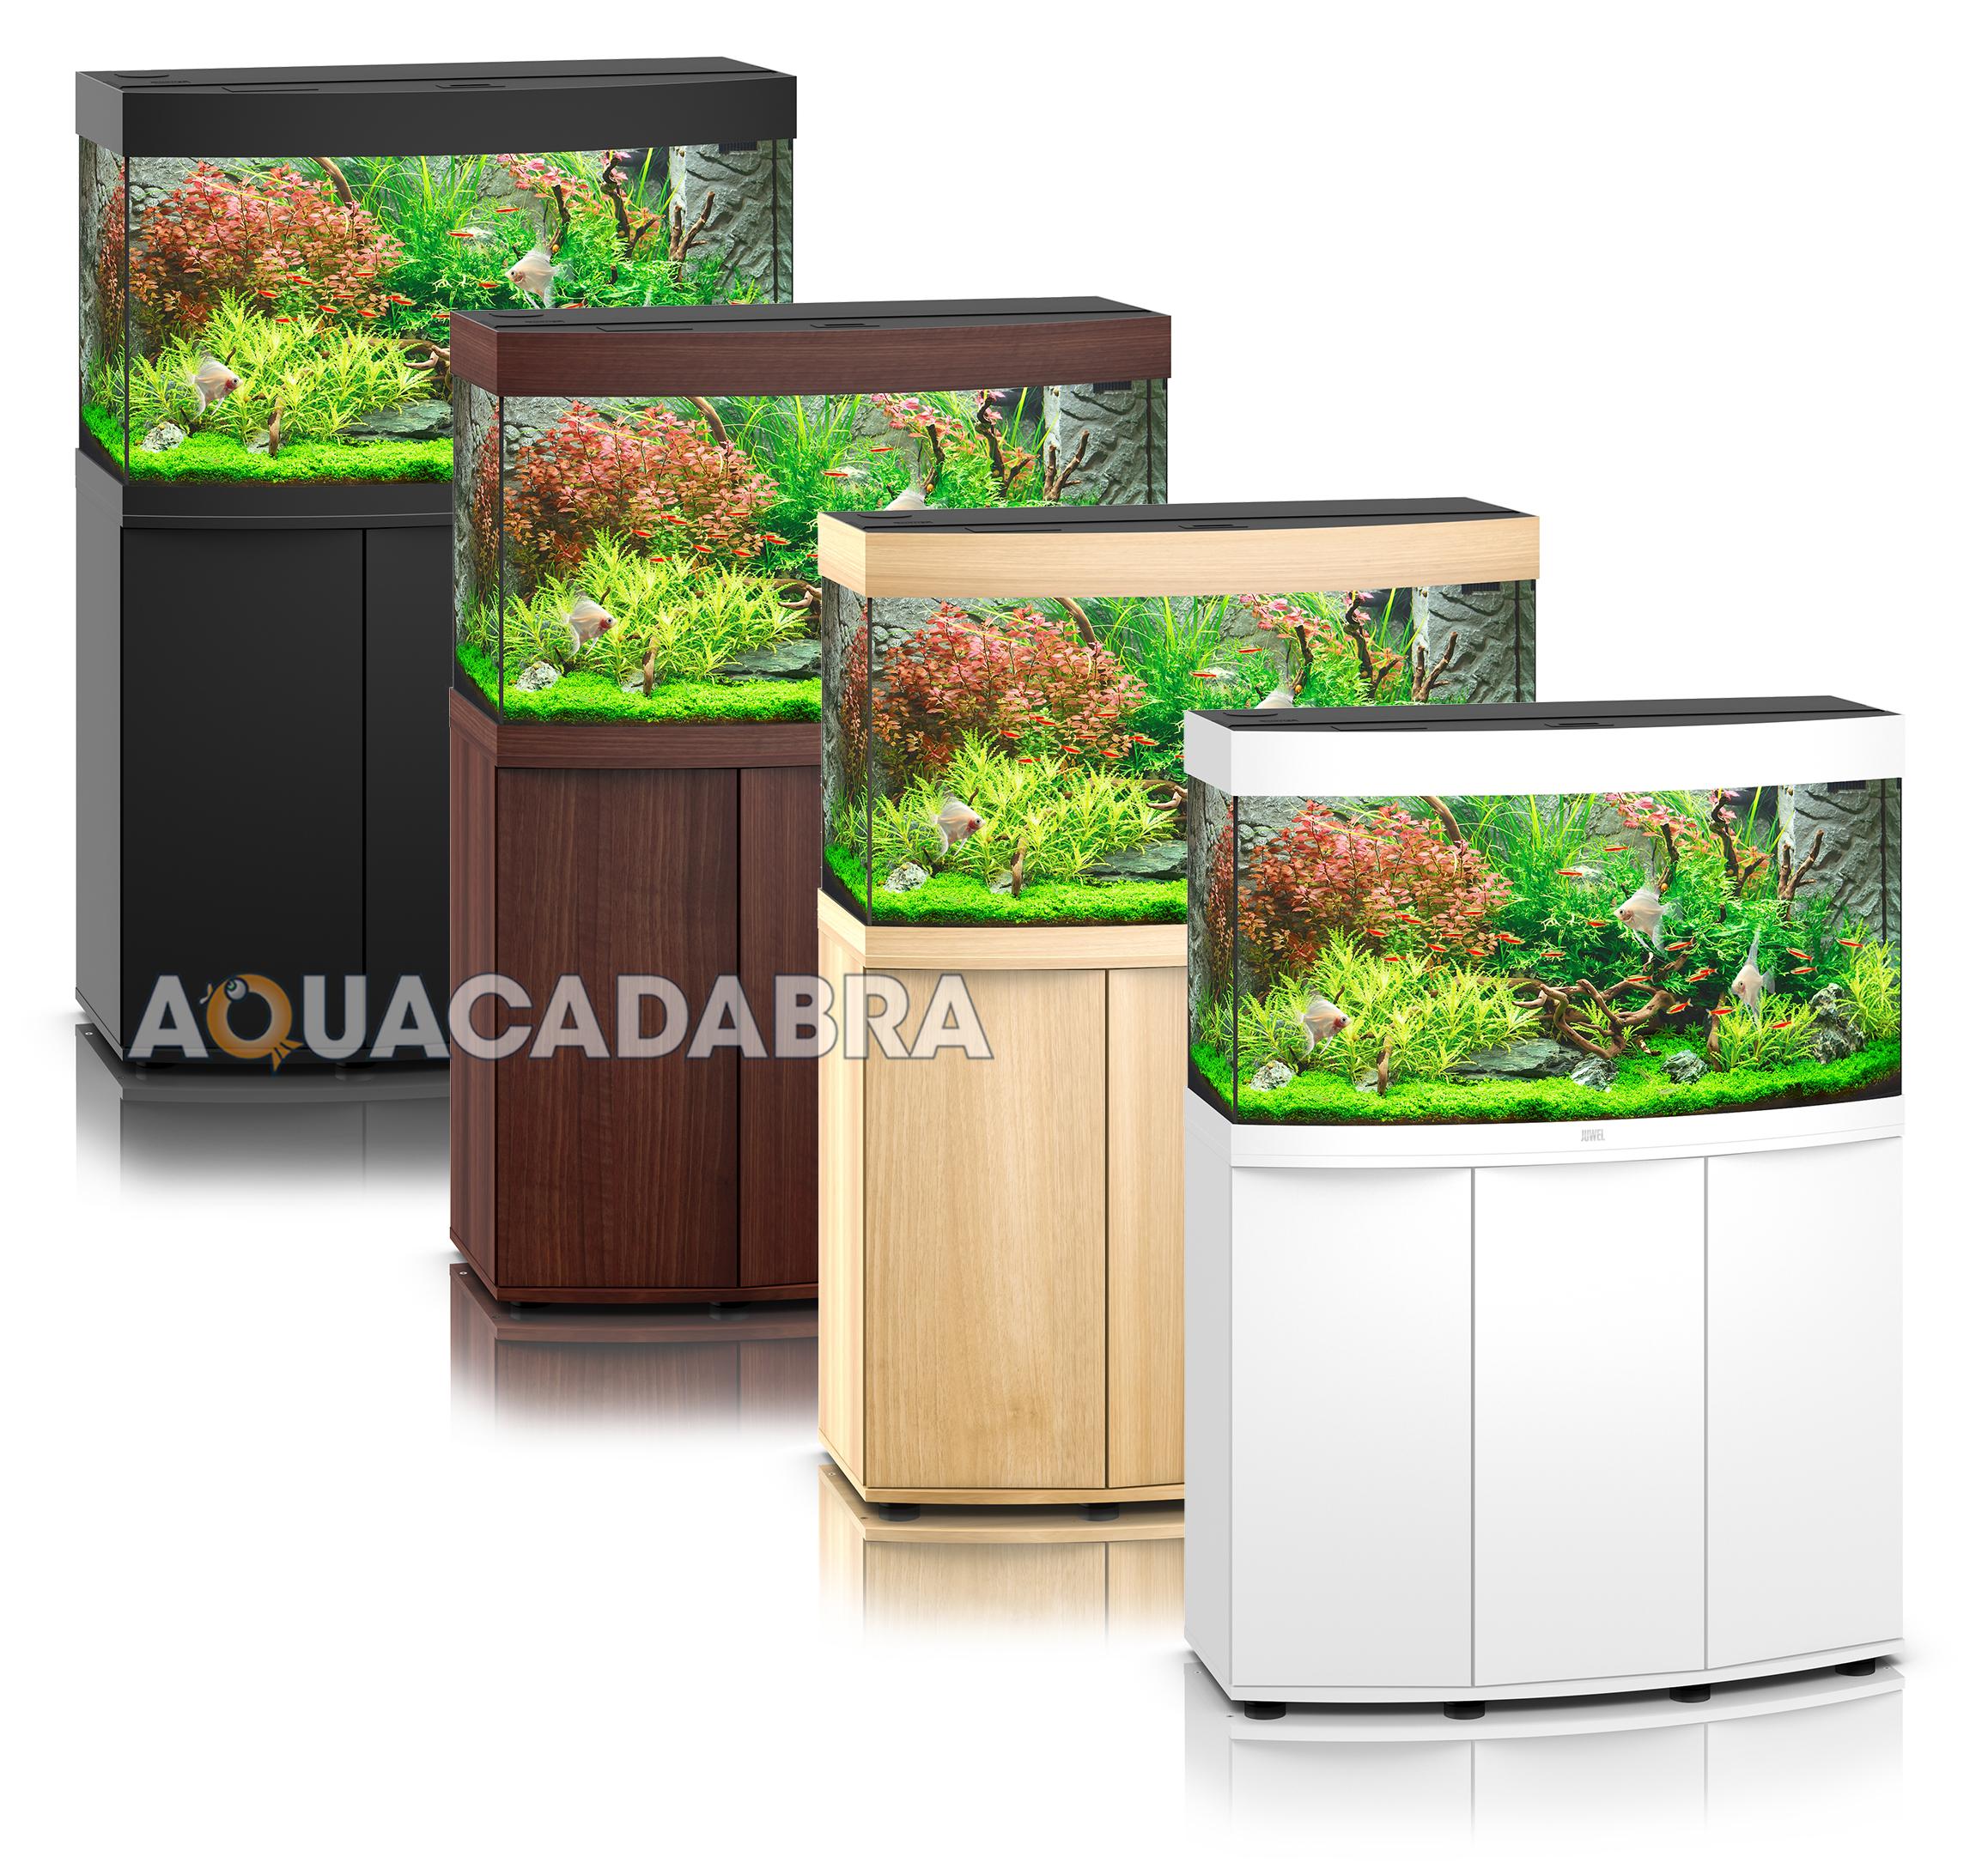 juwel vision 180 aquarium free cabinet led lighting filter heater tank ebay. Black Bedroom Furniture Sets. Home Design Ideas